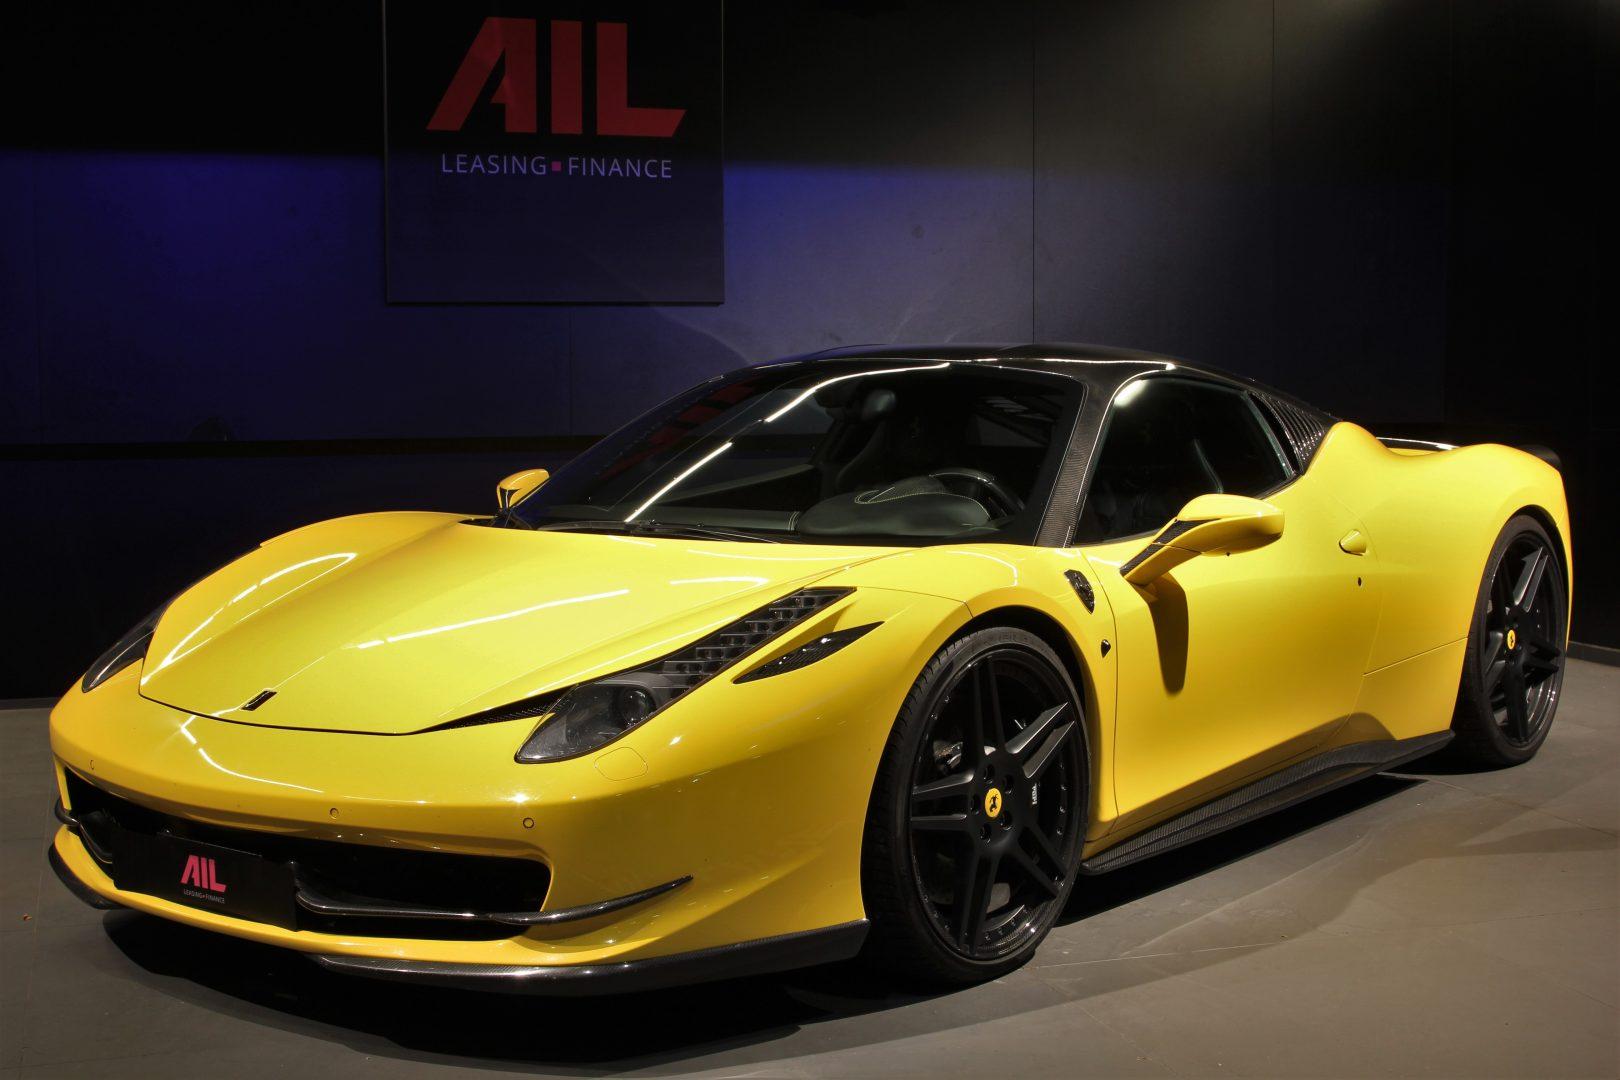 AIL Ferrari 458 Italia Novitec Lift 13